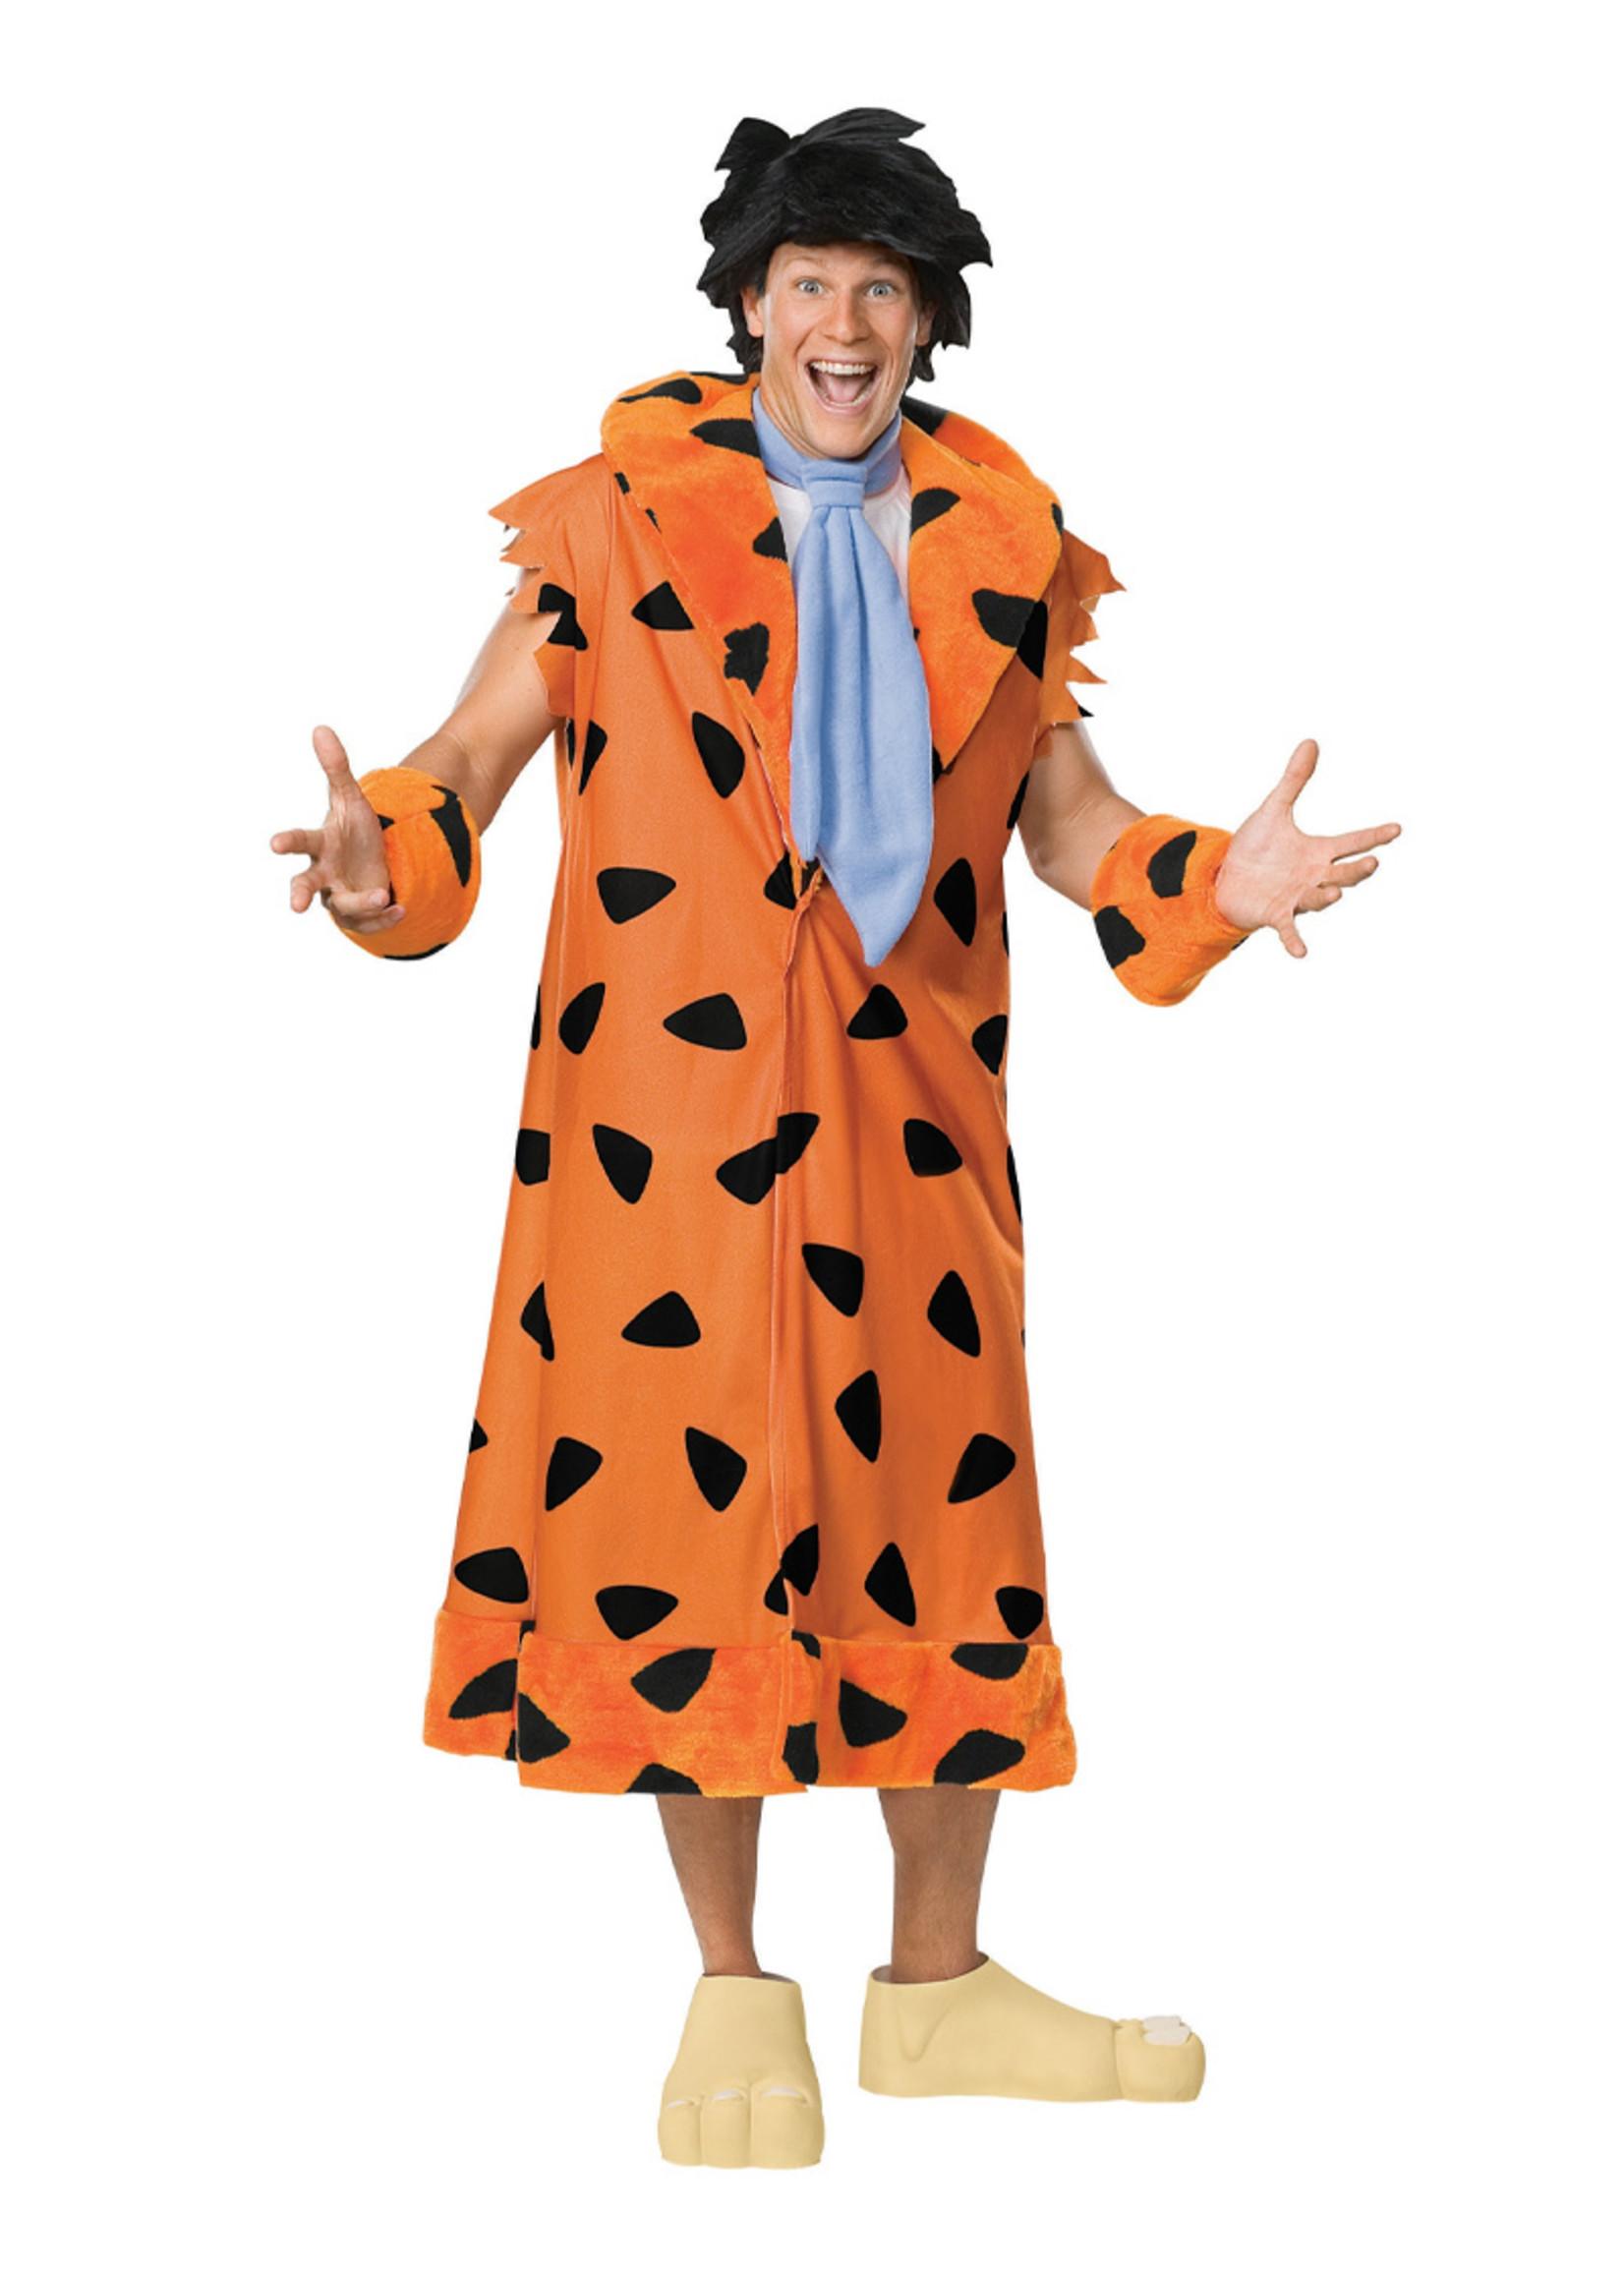 Fred Flintstone Costume - Men's